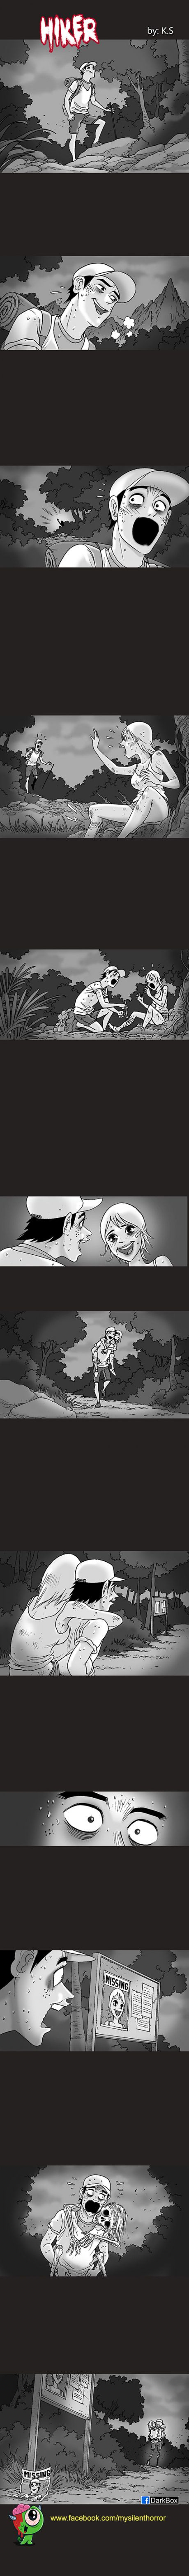 Romantic Horror